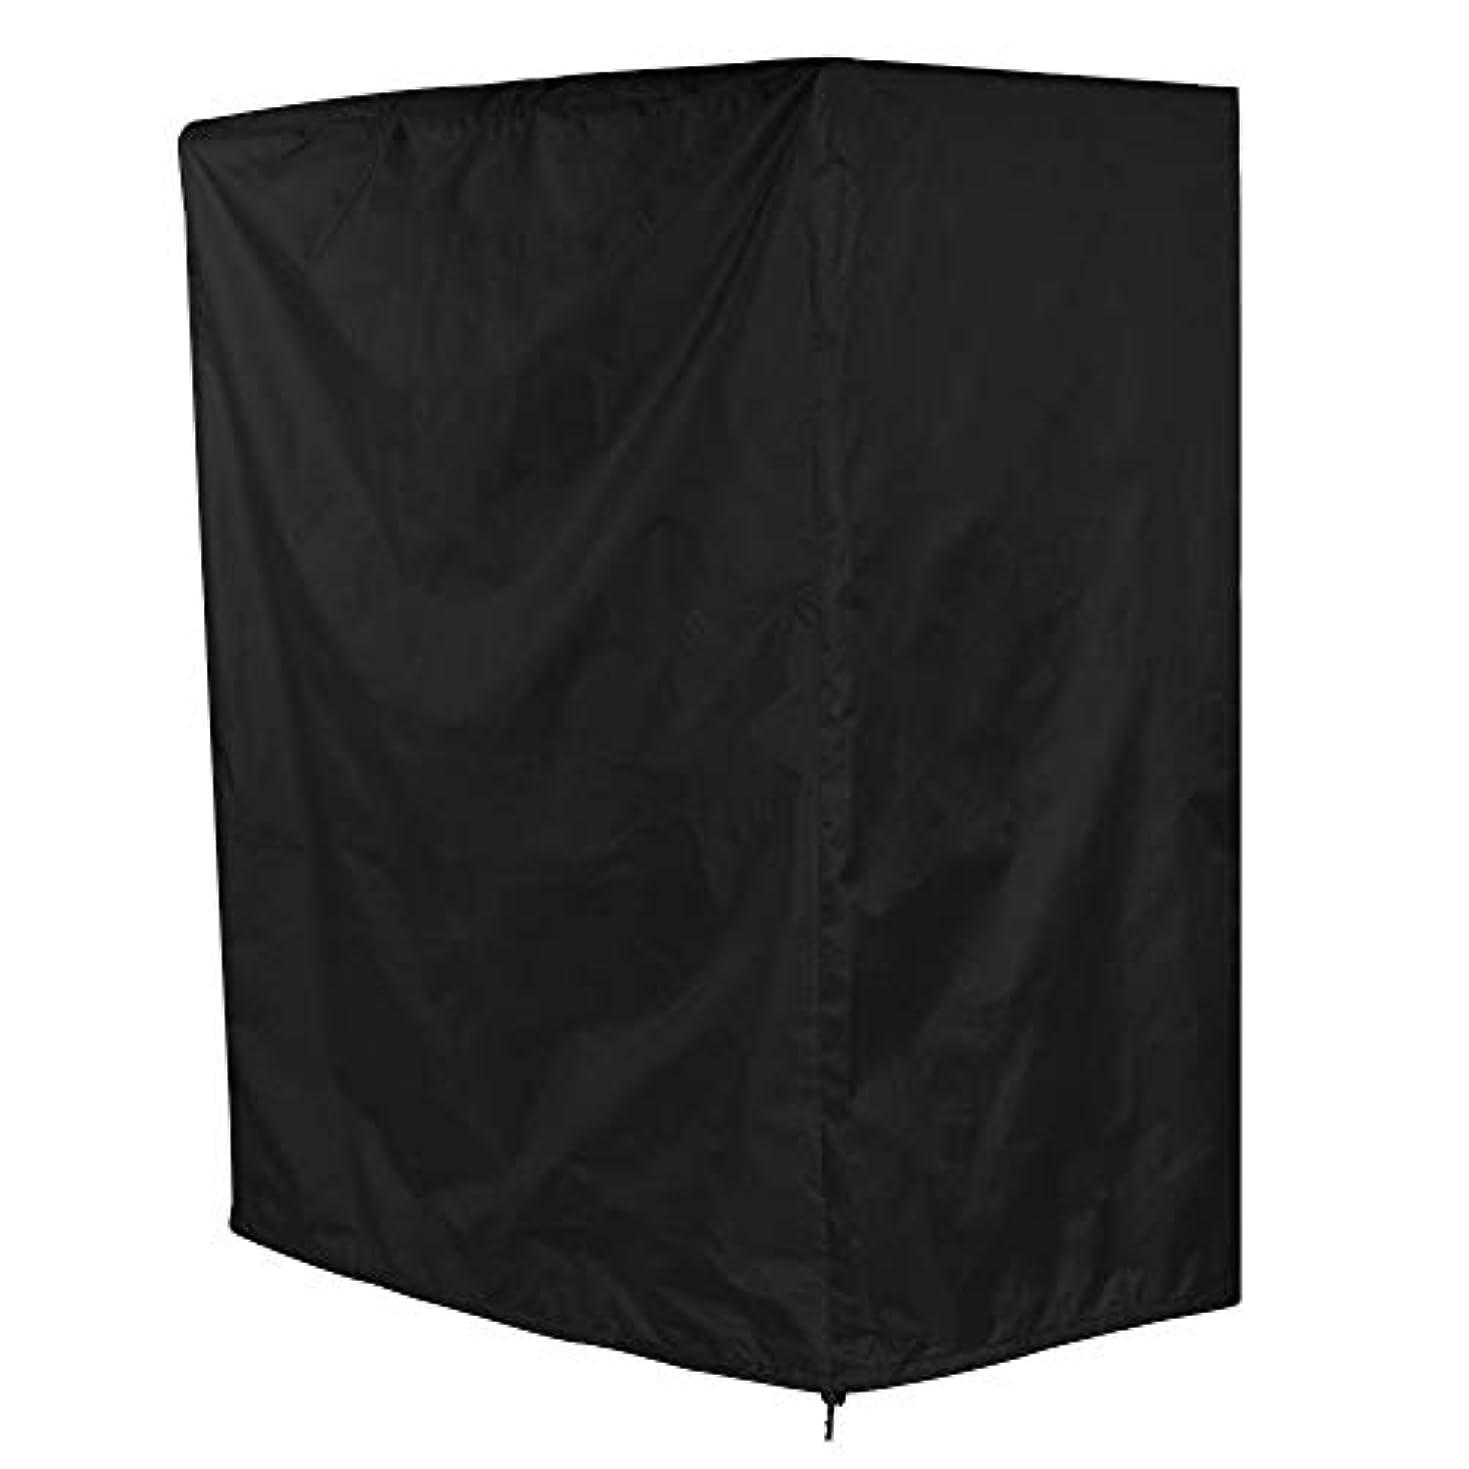 限りカウンターパート特許バーベキューカバー 焚火台カバー BBQカバー BBQコンロカバー 防水カバー 防水 防塵 防風 耐熱 多機能 通気性 グリルカバー アウトドア キャンプ 97×56×112 cm 2色(ブラック)